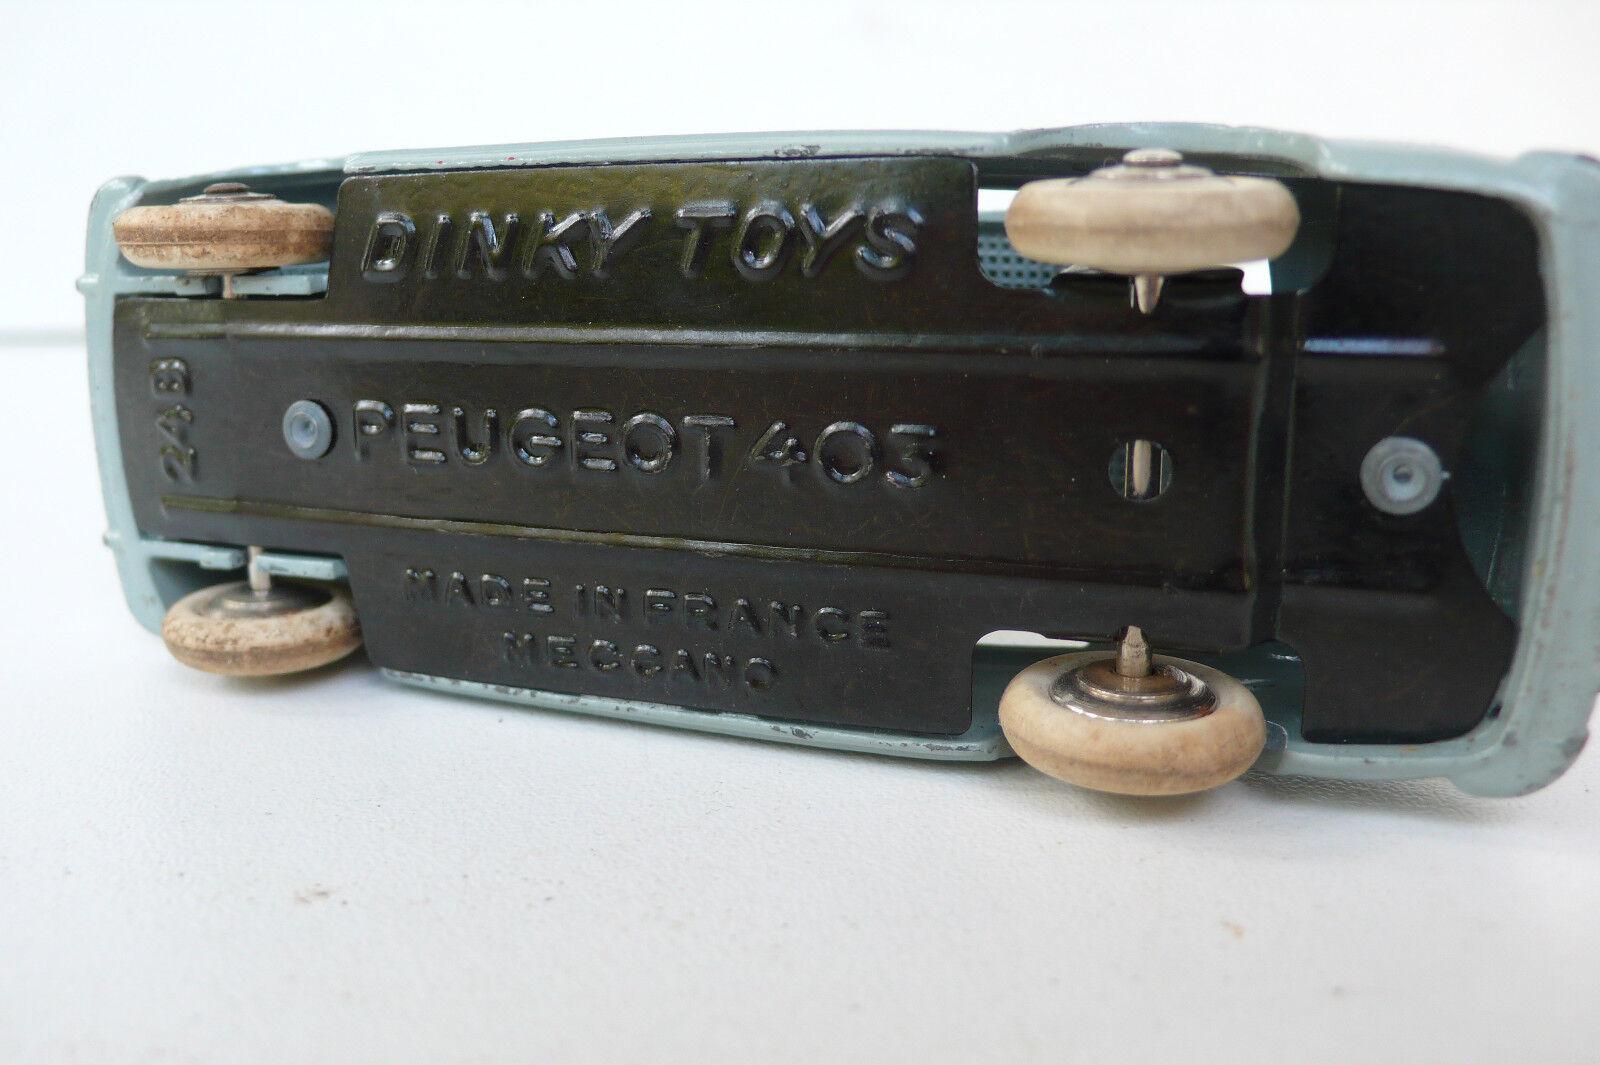 DINKY TOYS FRANCE FRANCE FRANCE  PEUGEOT BERLINE 403  REF 24B  1956/59   SÉRIE 24  BON  ÉTAT 6af609